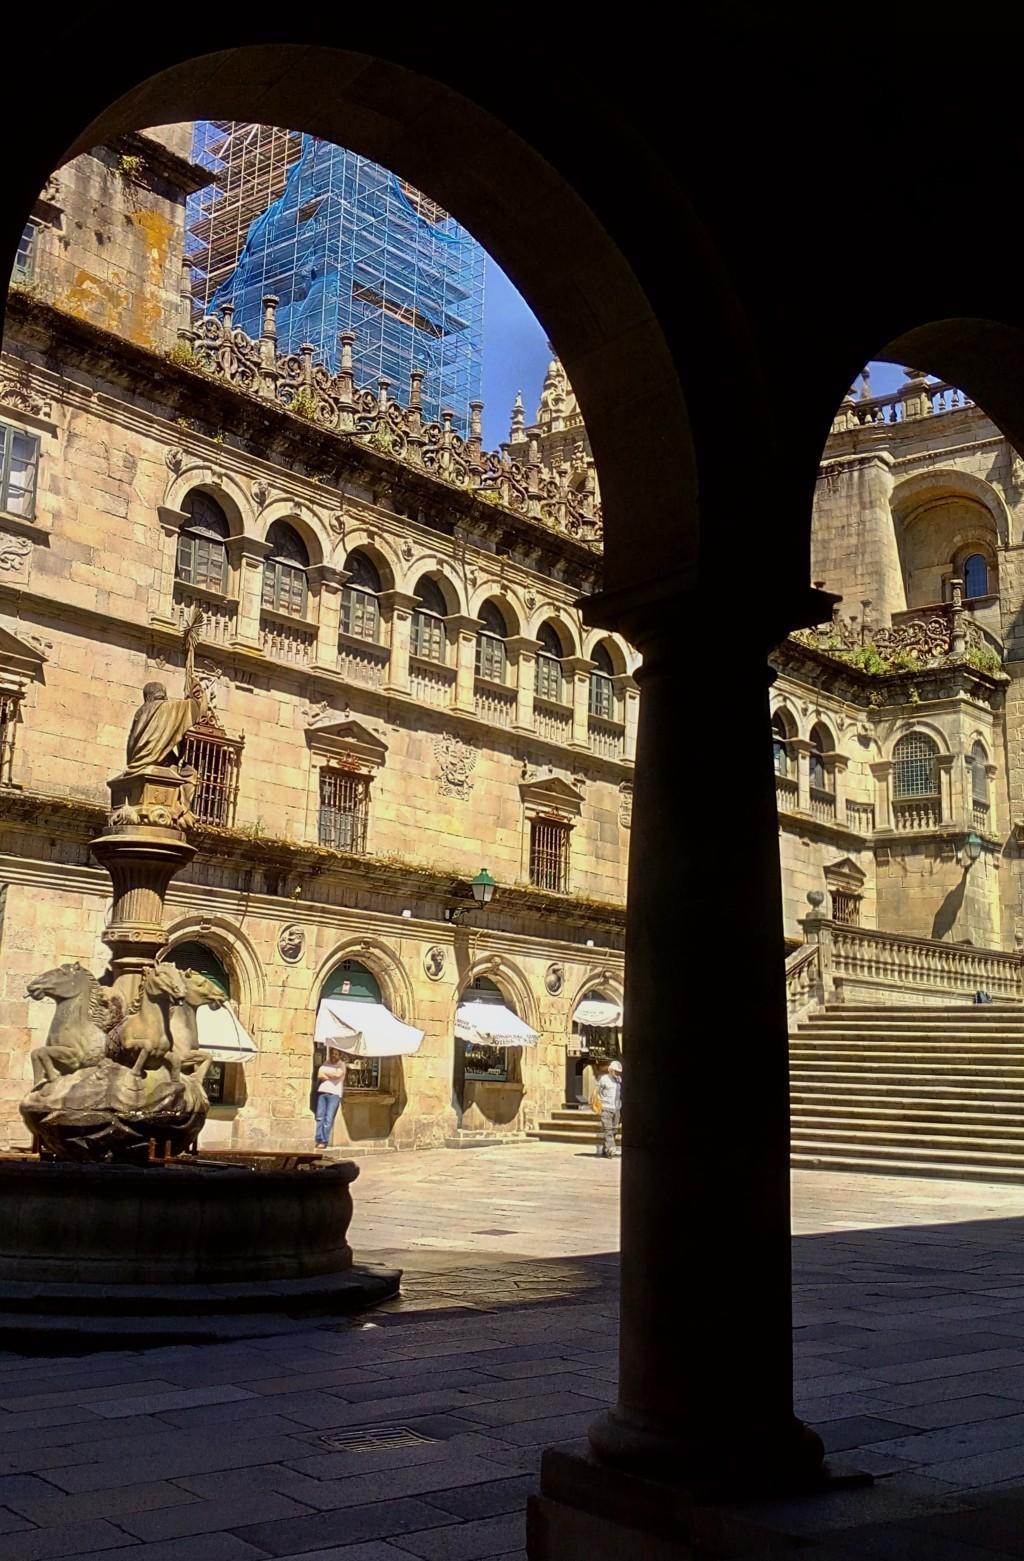 En Platerías, fachada del claustro de la Catedral, diseñado por Juan de Álva (S. XVI)